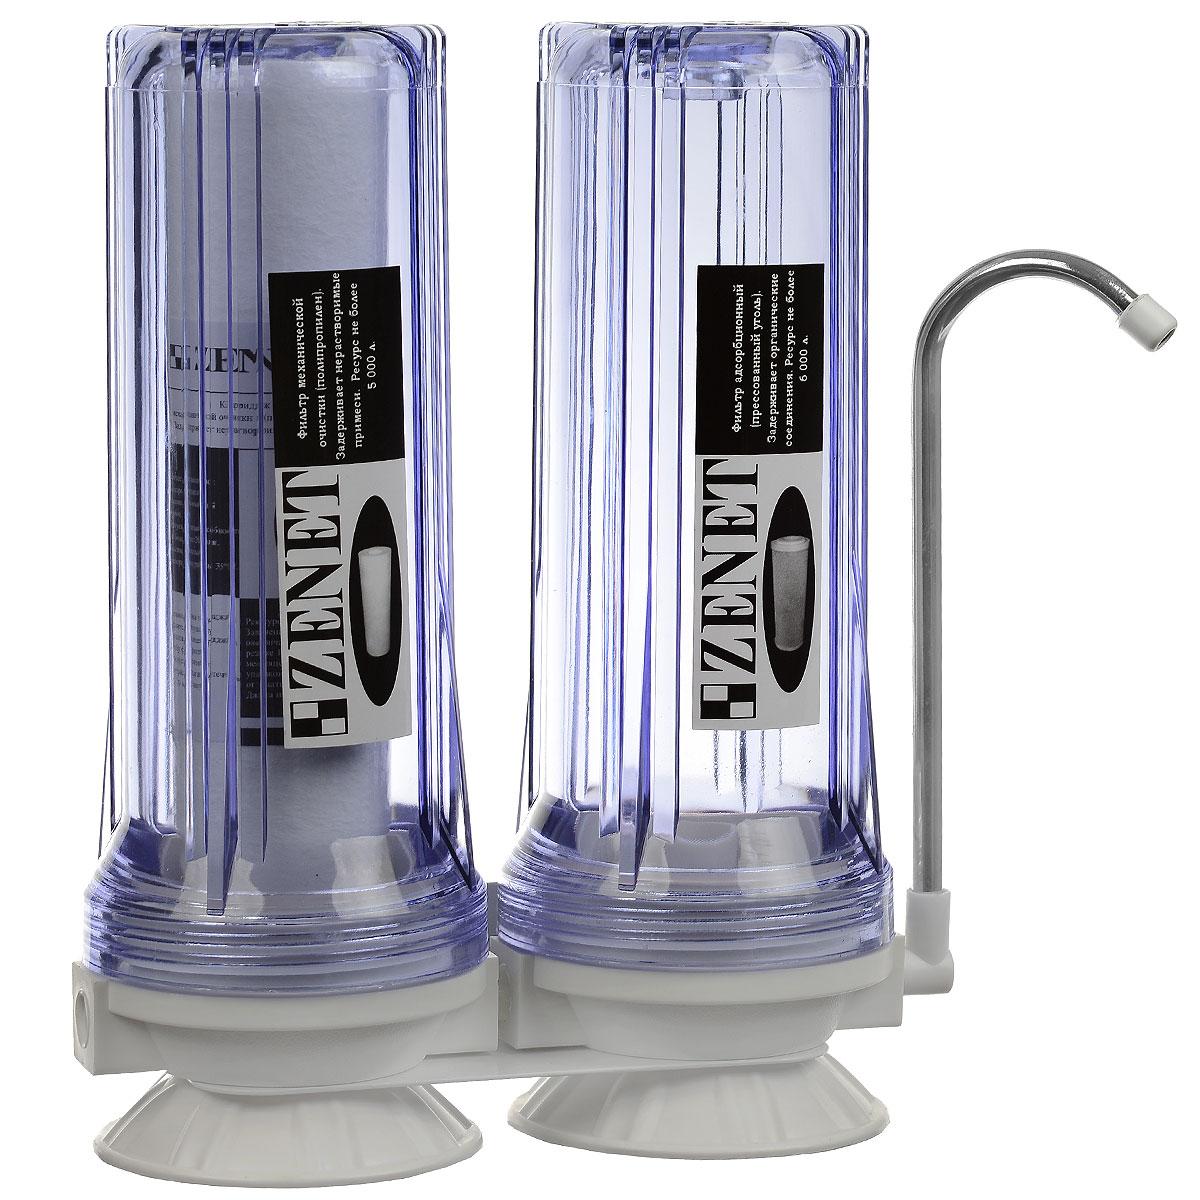 Фильтр для воды Zenet NT-200000270Фильтр для очистки питьевой воды Zenet NT-2 - это максимально практичный прибор высокого класса, который осуществляет двухступенчатую фильтрацию жидкости, что приводит к удалению из воды нерастворимых примесей, хлора, пестицидов, органических соединений. Изделие характеризуется непревзойденной поглощающей способностью, подсоединяется к крану быстро и очень легко - с помощью универсального адаптера. Устройство широко применяется в быту, с его помощью вы сможете дочищать питьевую воду до экологически чистого состояния. Ступени очистки воды: 1 ступень - механическая очистка от нерастворимых примесей; 2 ступень - очистка от хлора, хлорсодержащих соединений, пестицидов, гербицидов и органических соединений. Скорость очистки: 1,5 л/мин. Рабочее давление: 1-4 атмосфер. Температура очищенной воды: от 4°С до 35°С. Ресурс угольного картриджа GAС, CBC: до 6000 л. Взвешенные примеси: до 99%.Тяжёлые и радиоактивные металлы: до 99%.Активный хлор: до 99%.Органические соединения: до 99 %.Нефтепродукты: до 99%.Микроорганизмы кишечная палочка: до 99%. Размеры: 13 см х 26 см х 33 см. Вес: 3 кг.